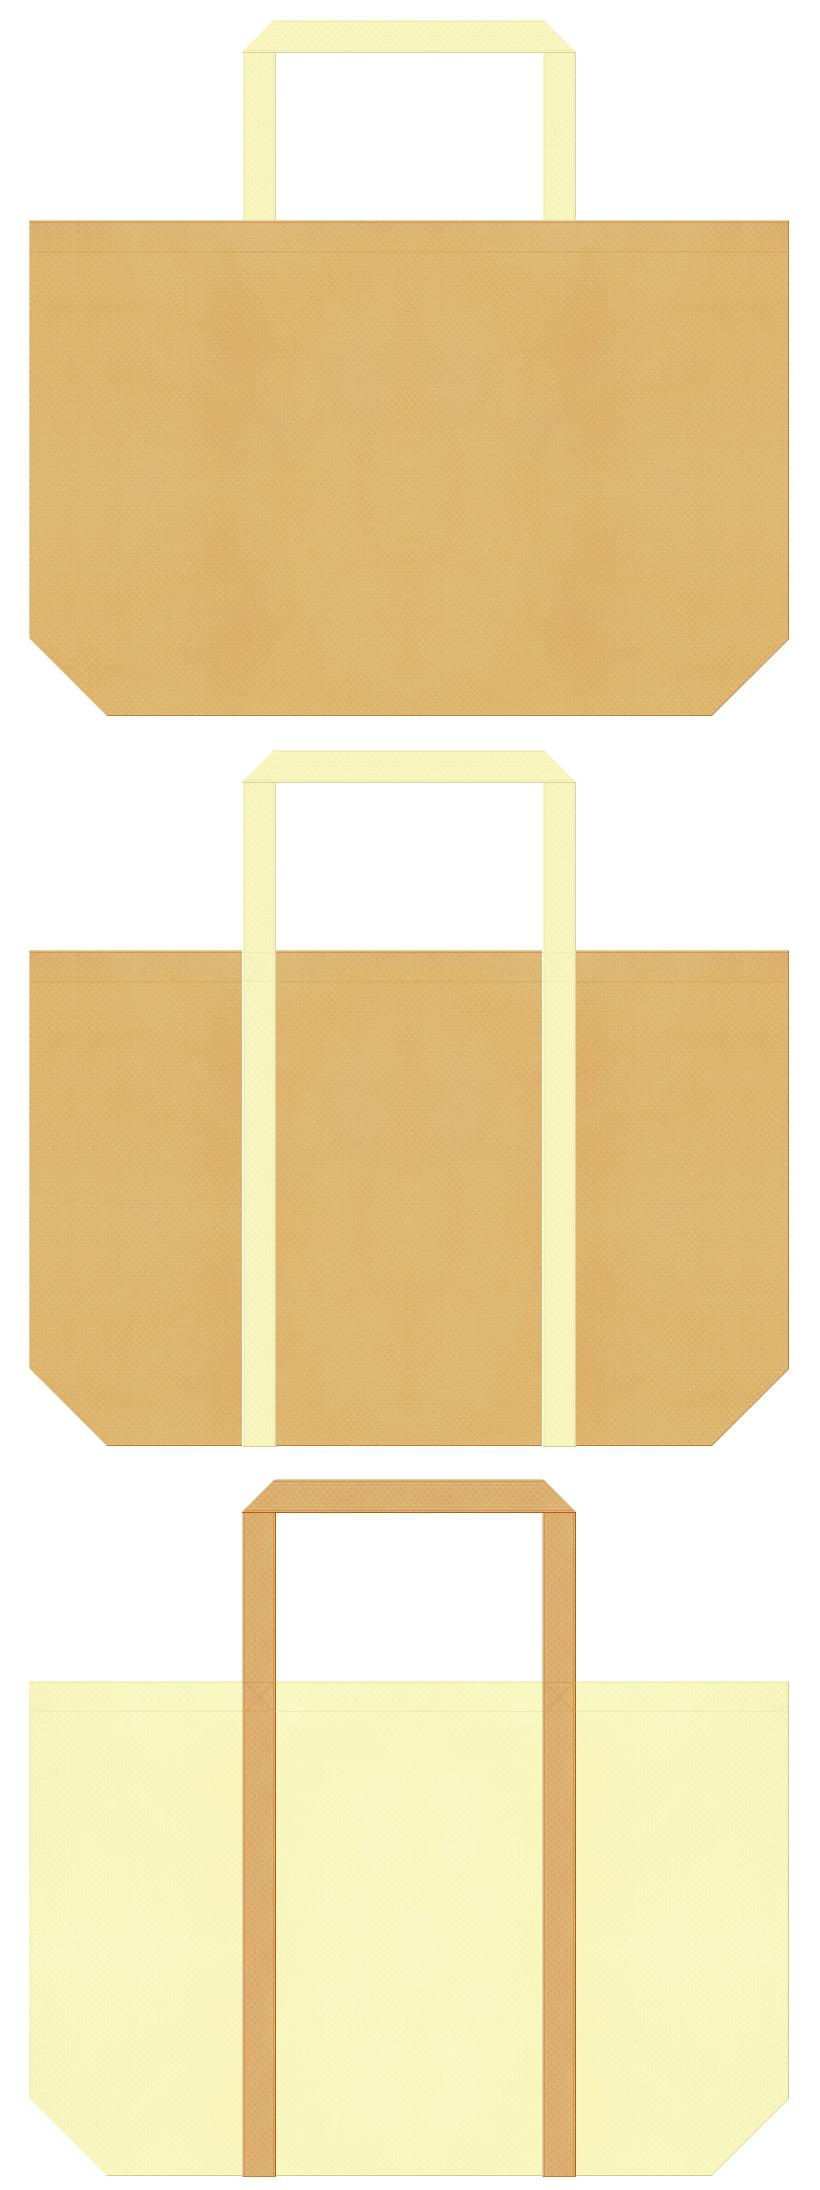 薄黄土色と薄黄色の不織布バッグデザイン:クレープ生地のイメージでクレープショップにお奨めの配色です。